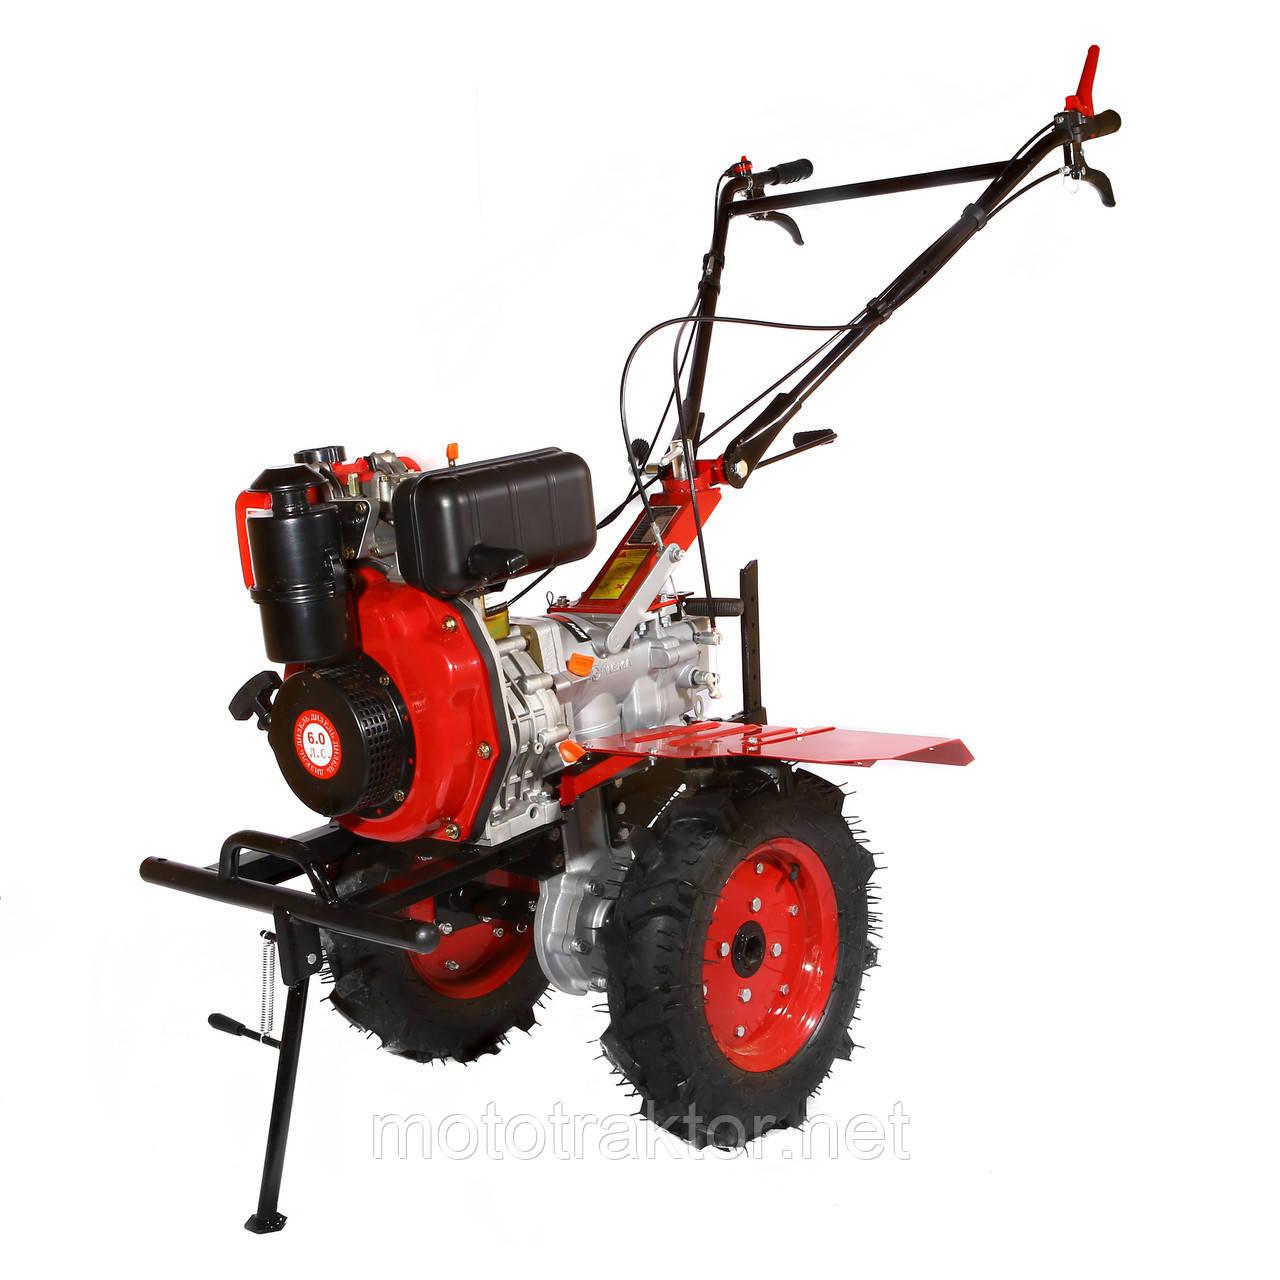 Мотоблок WEIMA WM1100A-6 (4+2 швидкості, дизель 6 л. с. колеса 4,00-10) Безкоштовна доставка